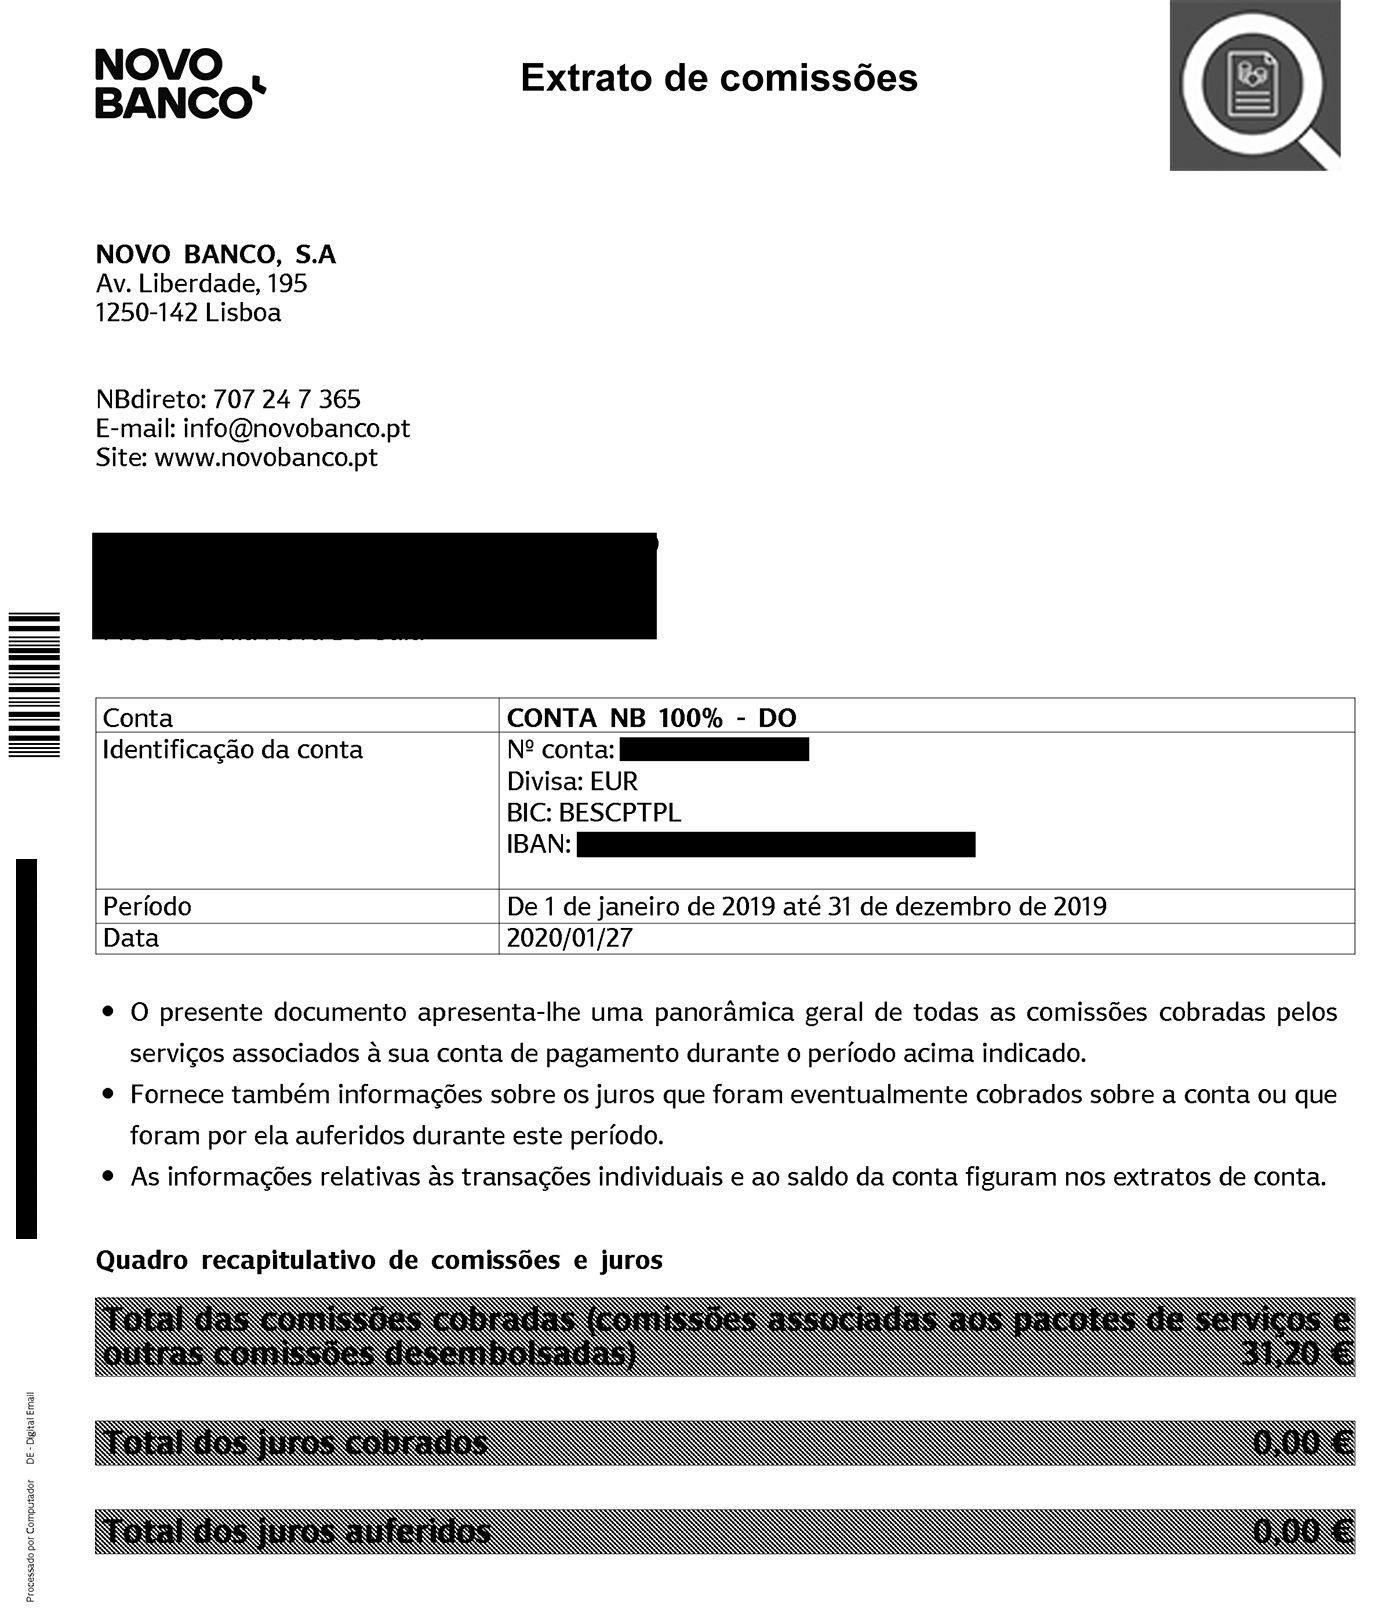 extrato-comissoes-novo-banco